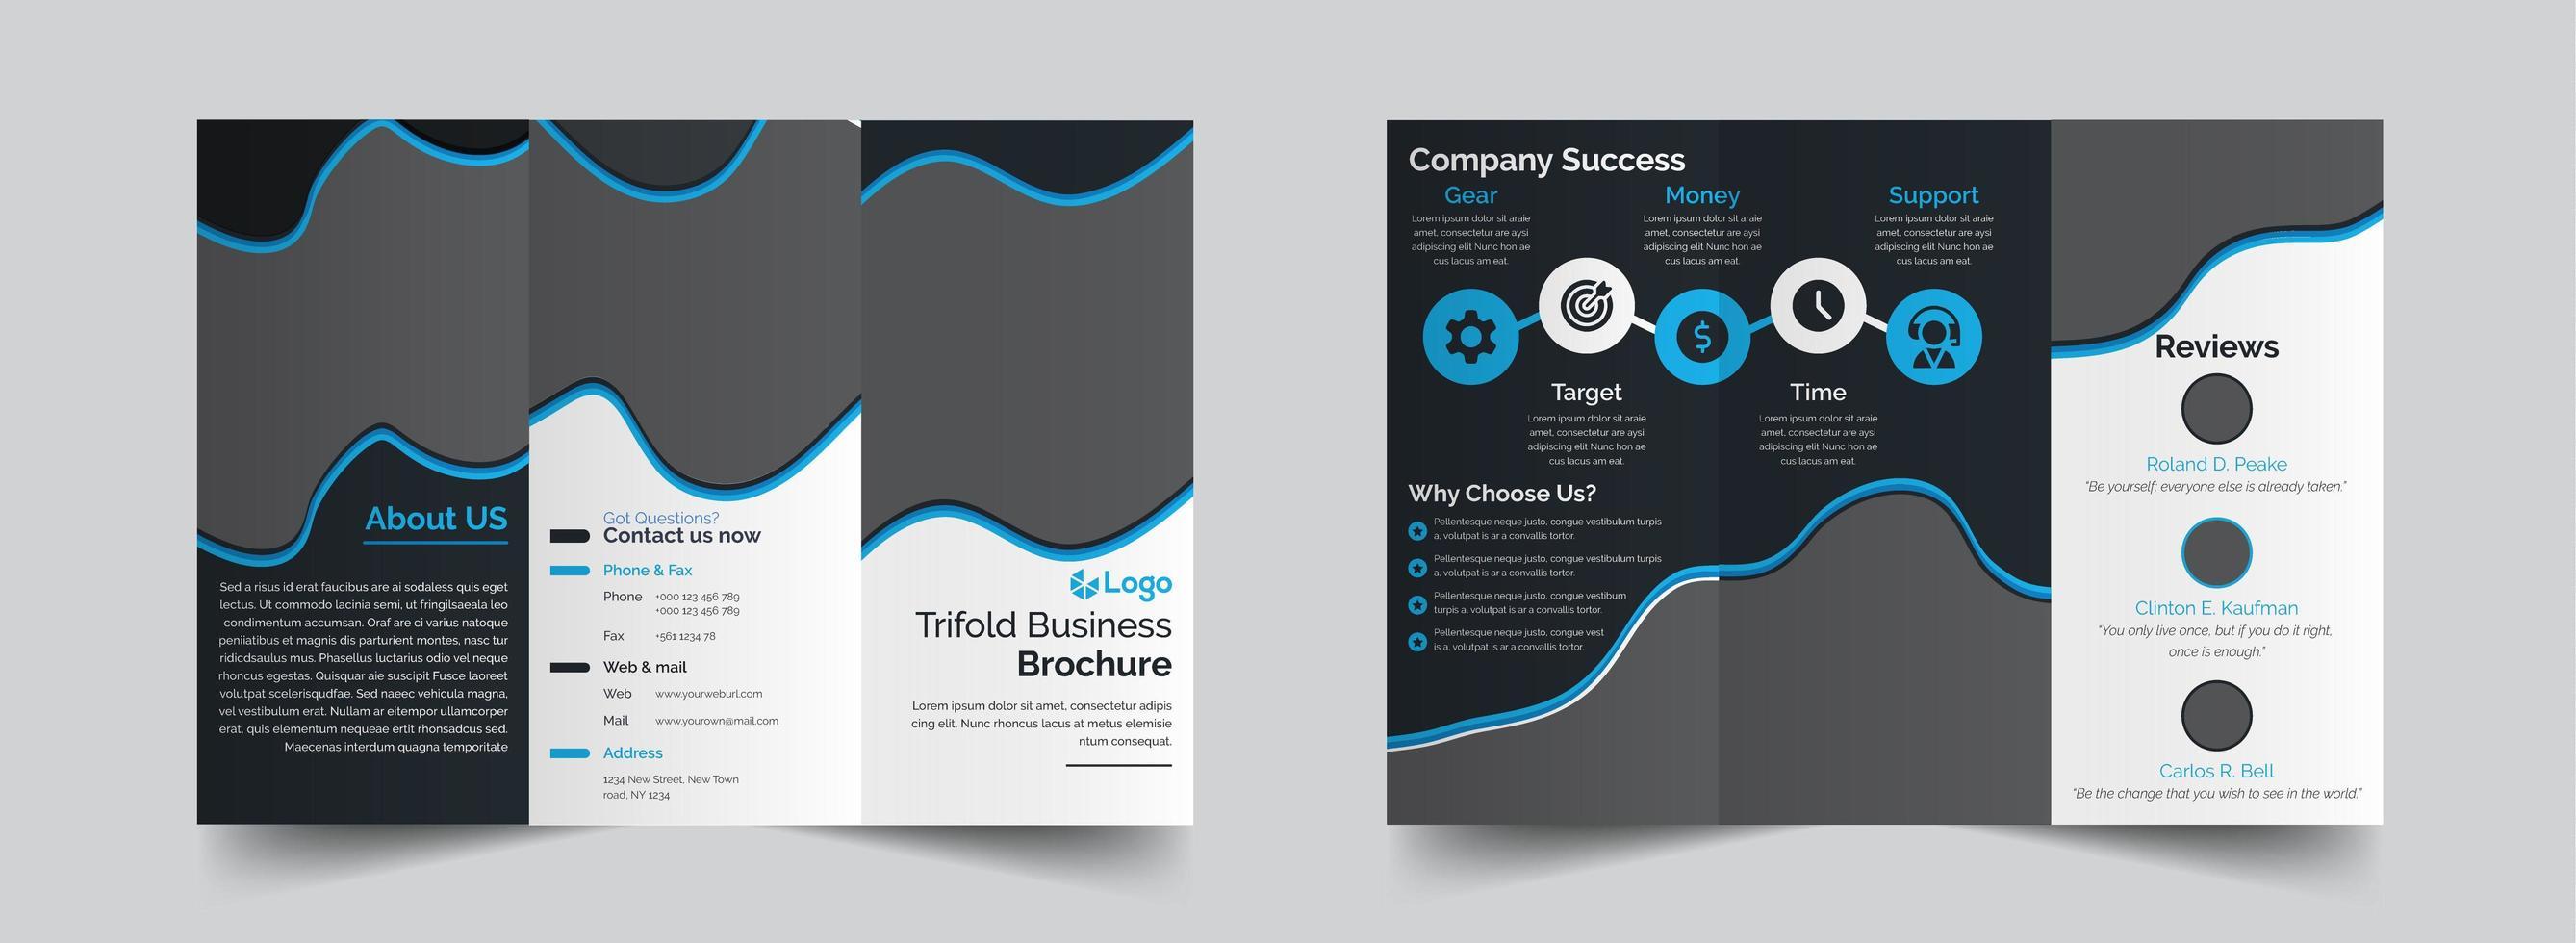 dreifach gefaltete flüssige Form Broschüre Design-Vorlage vektor